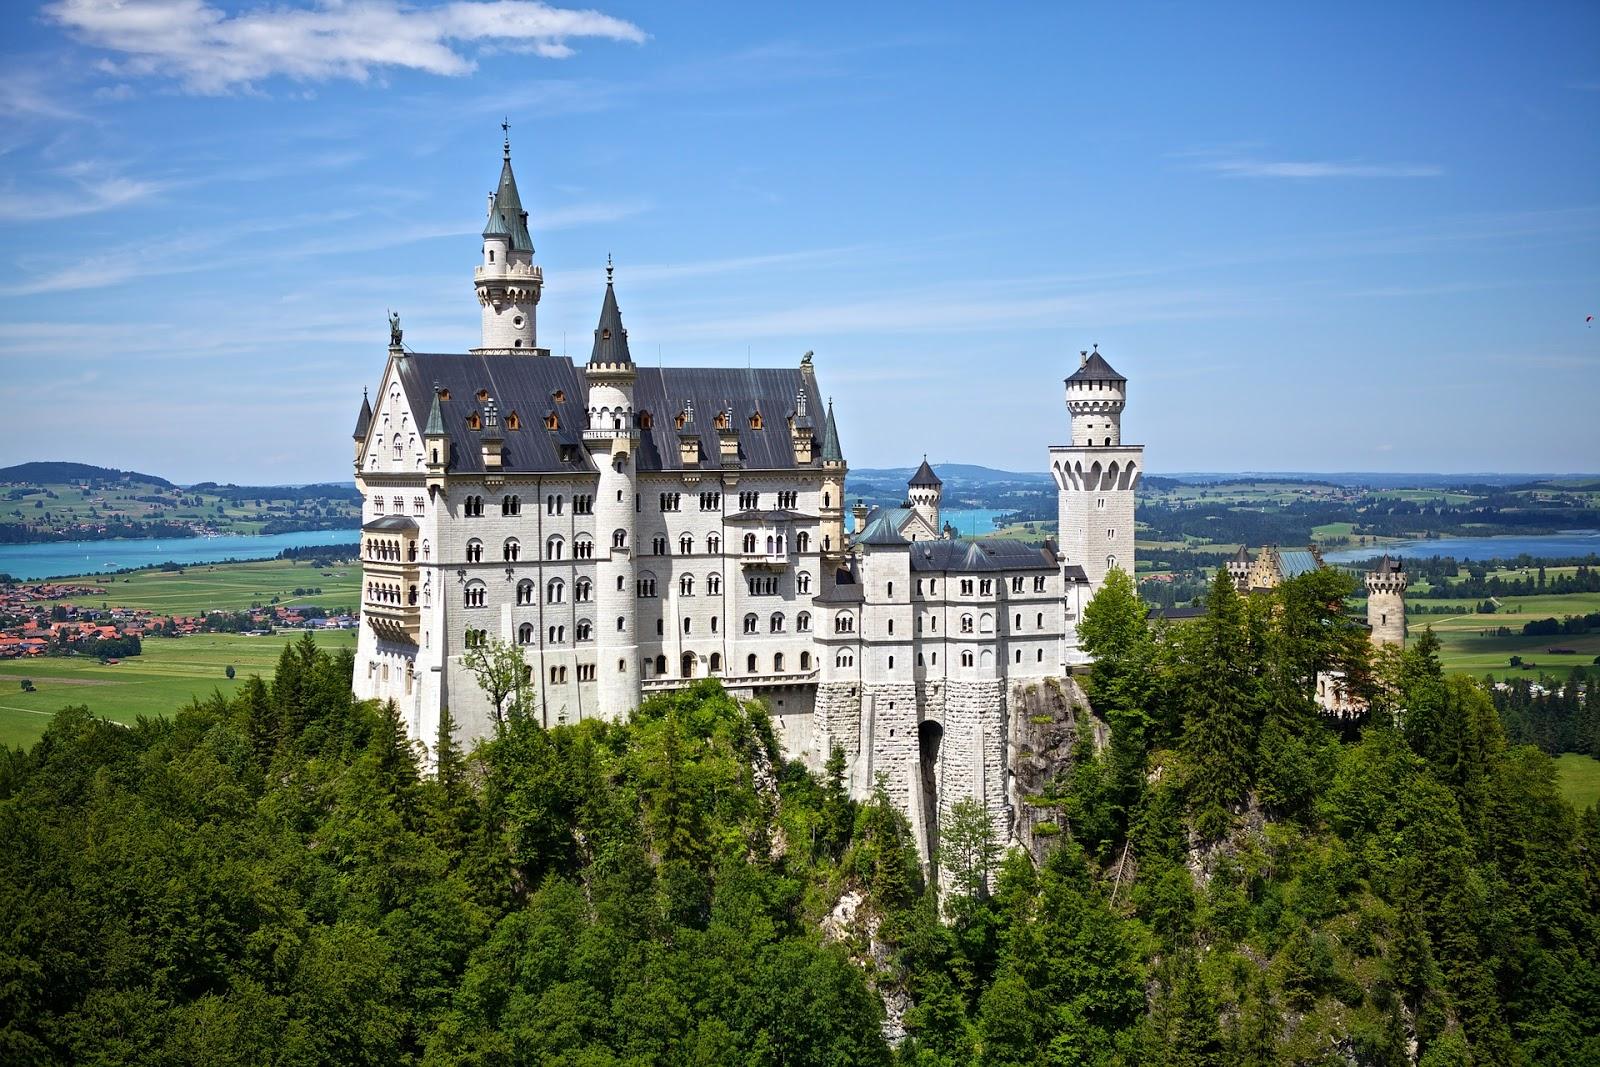 castelo-neuschwanstein-alemanha